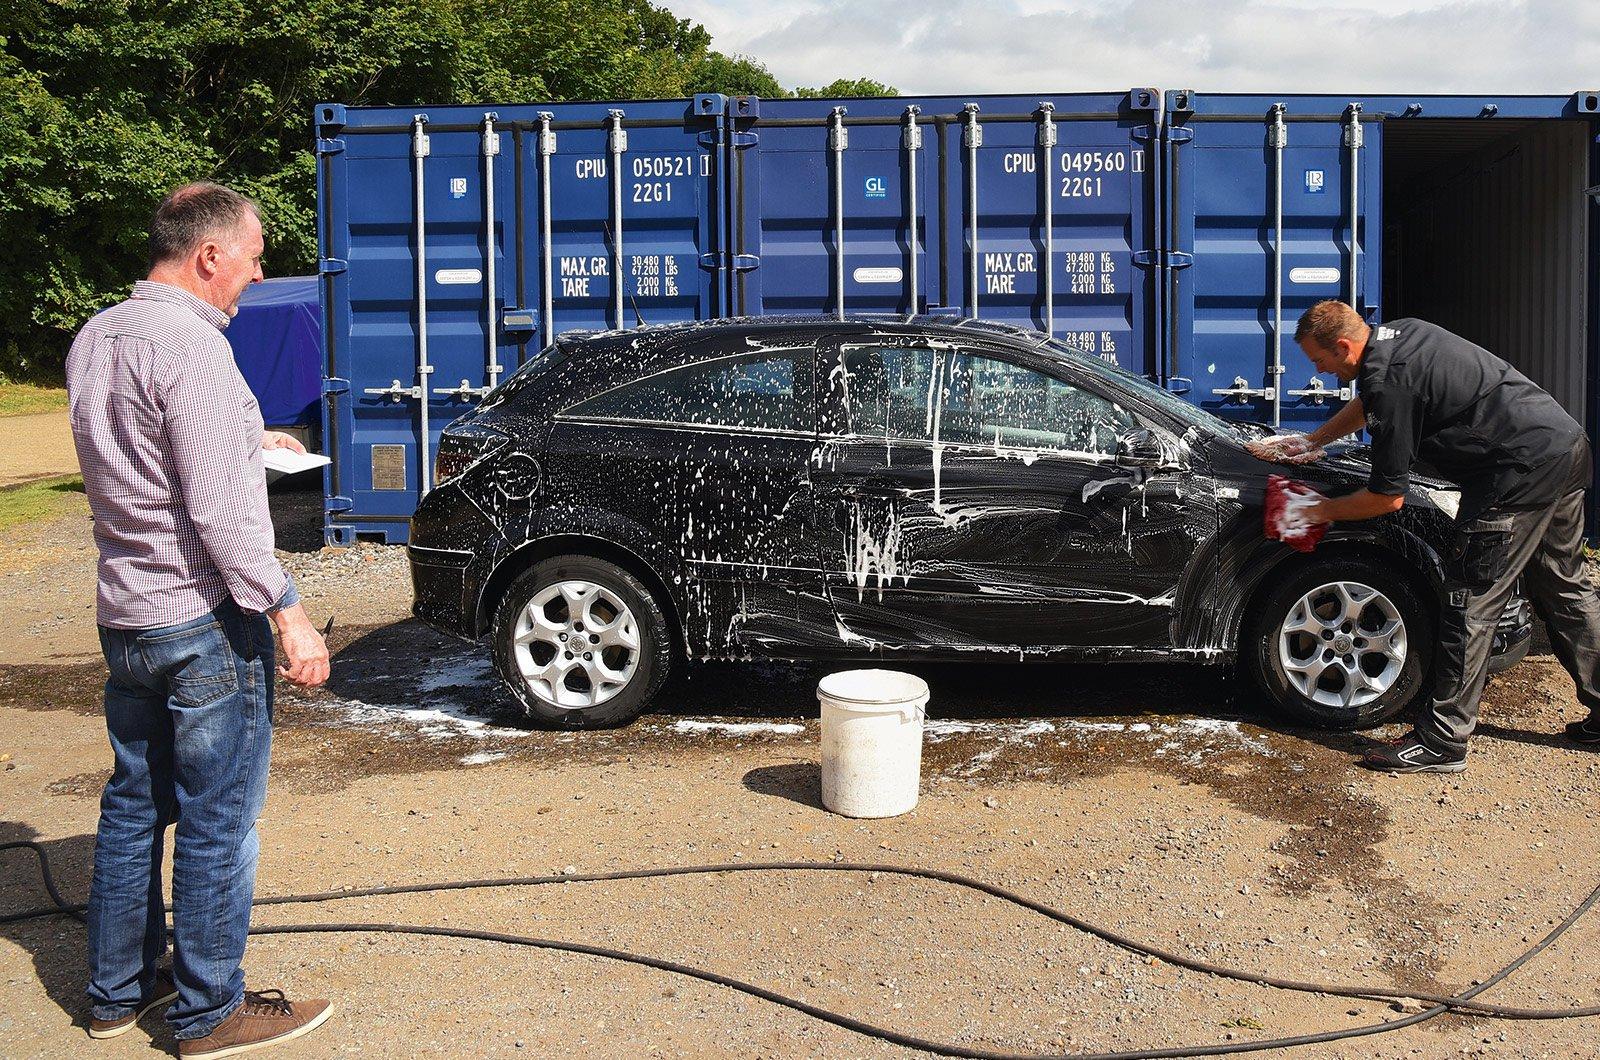 Car detailer washing an Astra